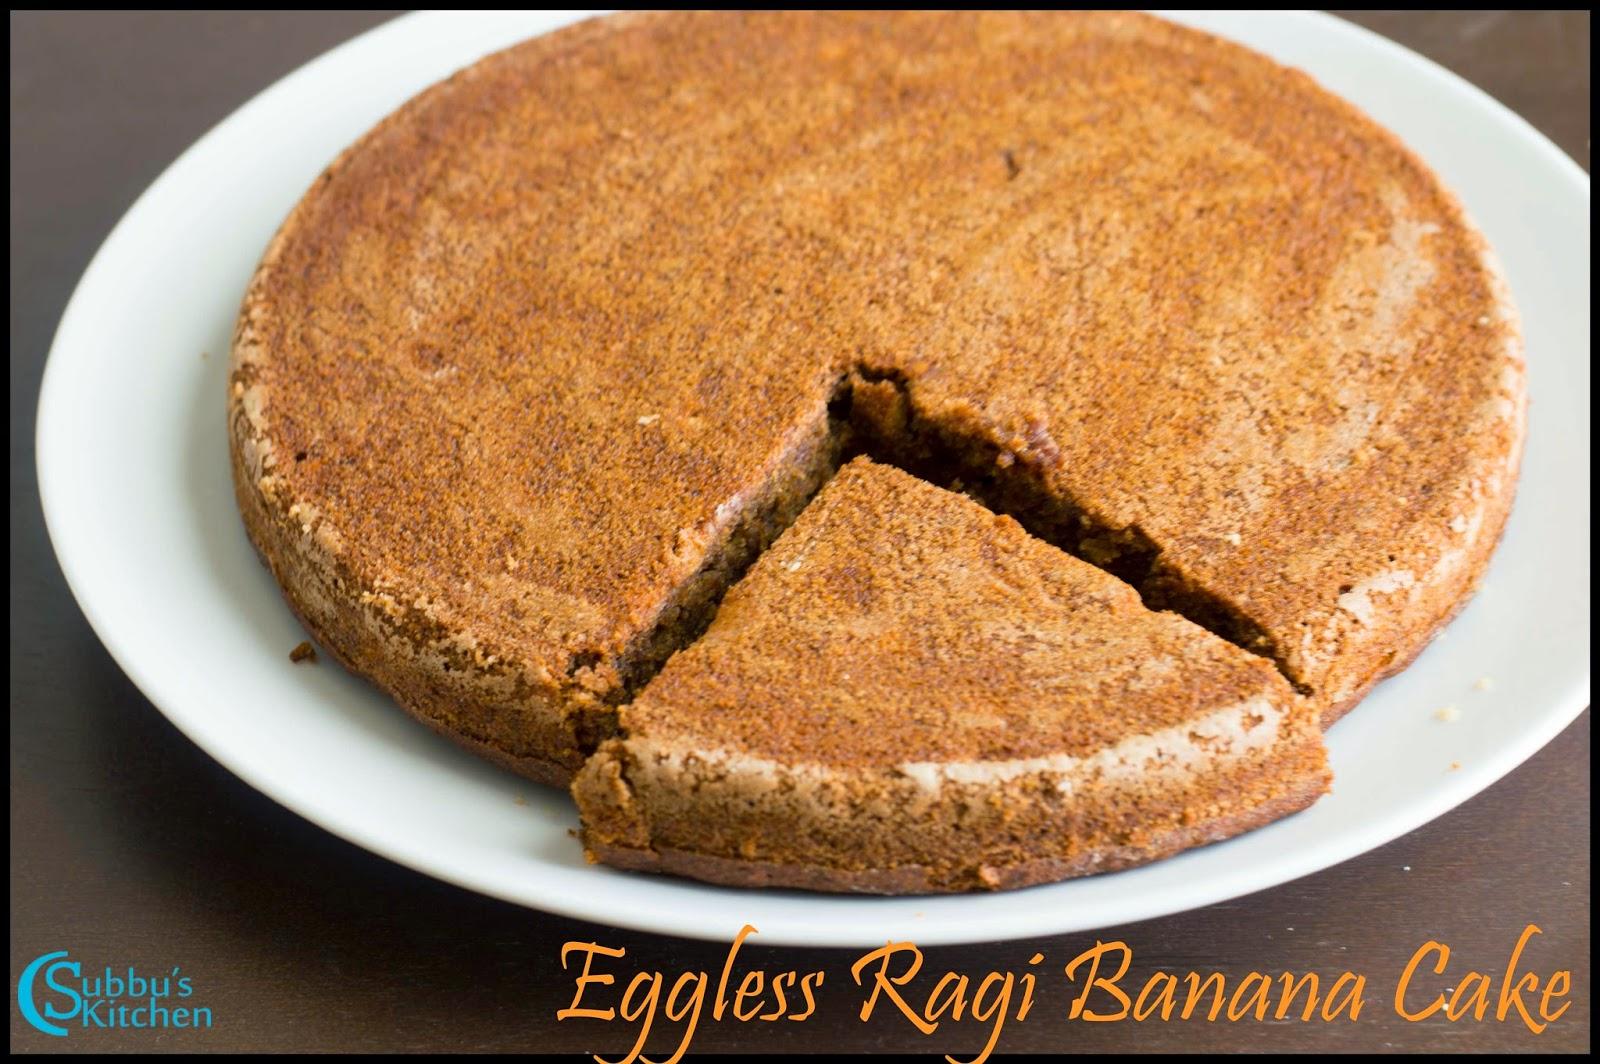 Chocolate Cake Recipe In Pressure Cooker Eggless: Pressure Cooker Eggless Ragi Banana Cake Recipe